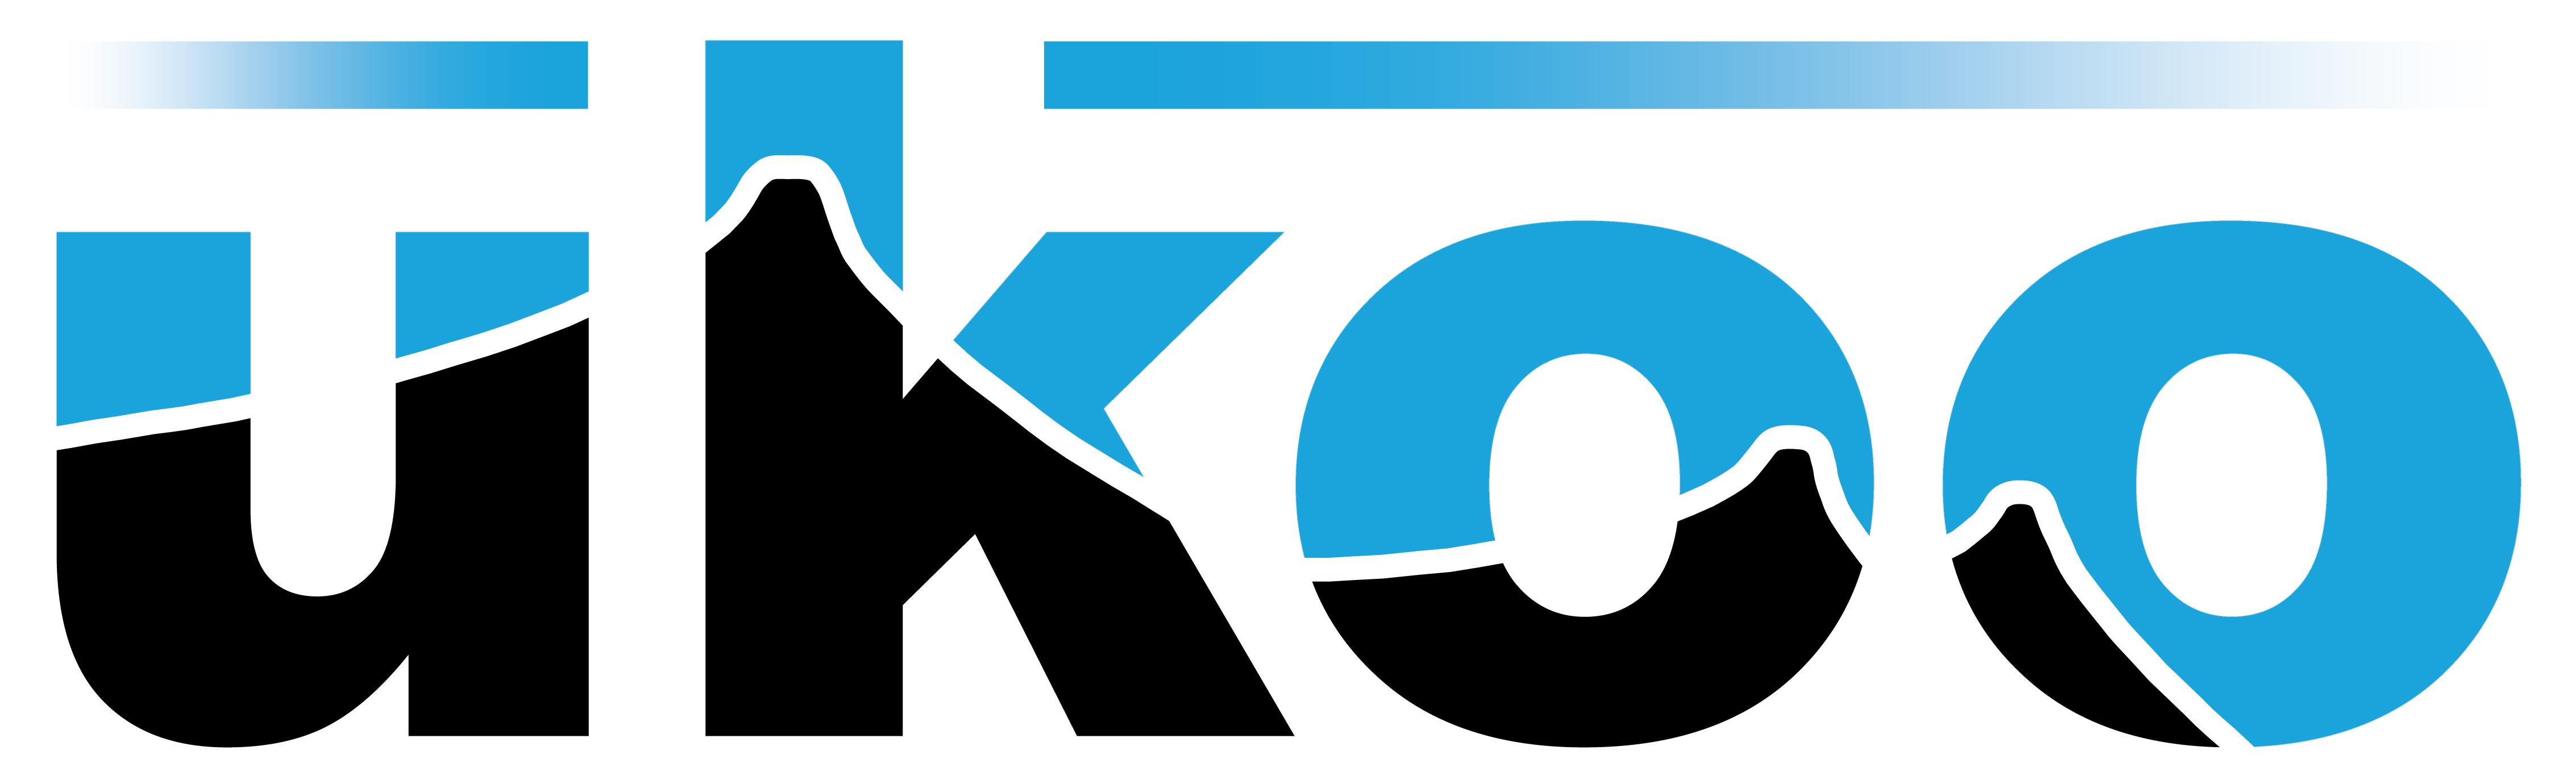 ukoo-logo-rgb-2